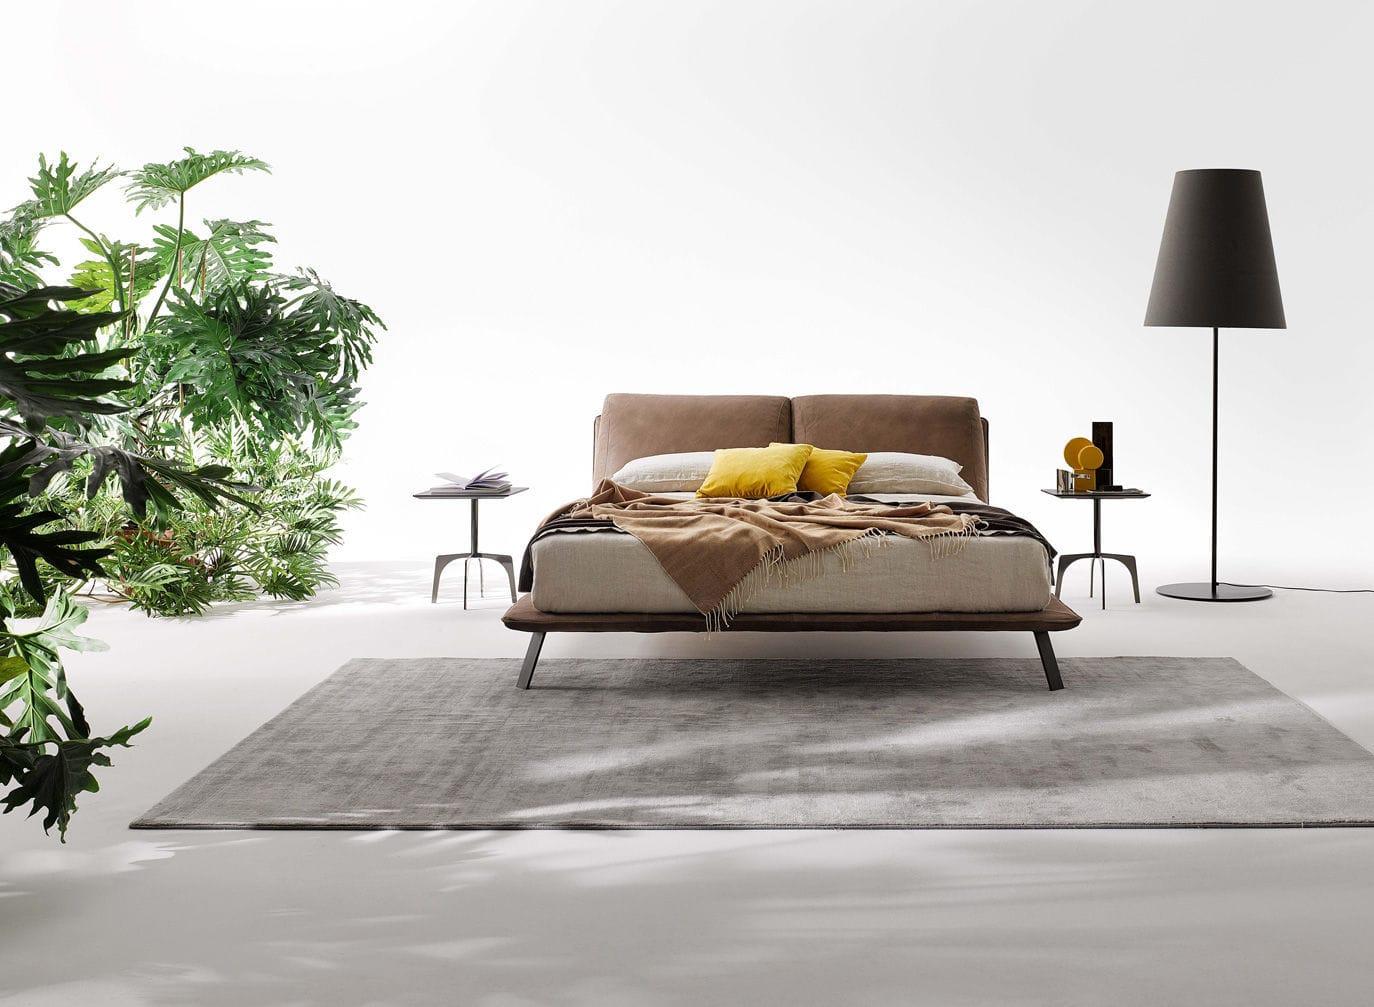 Bett Modern With DoppelBett / Modern / Leder KANAHA Ditre Italia Also  DoppelBett / Modern /